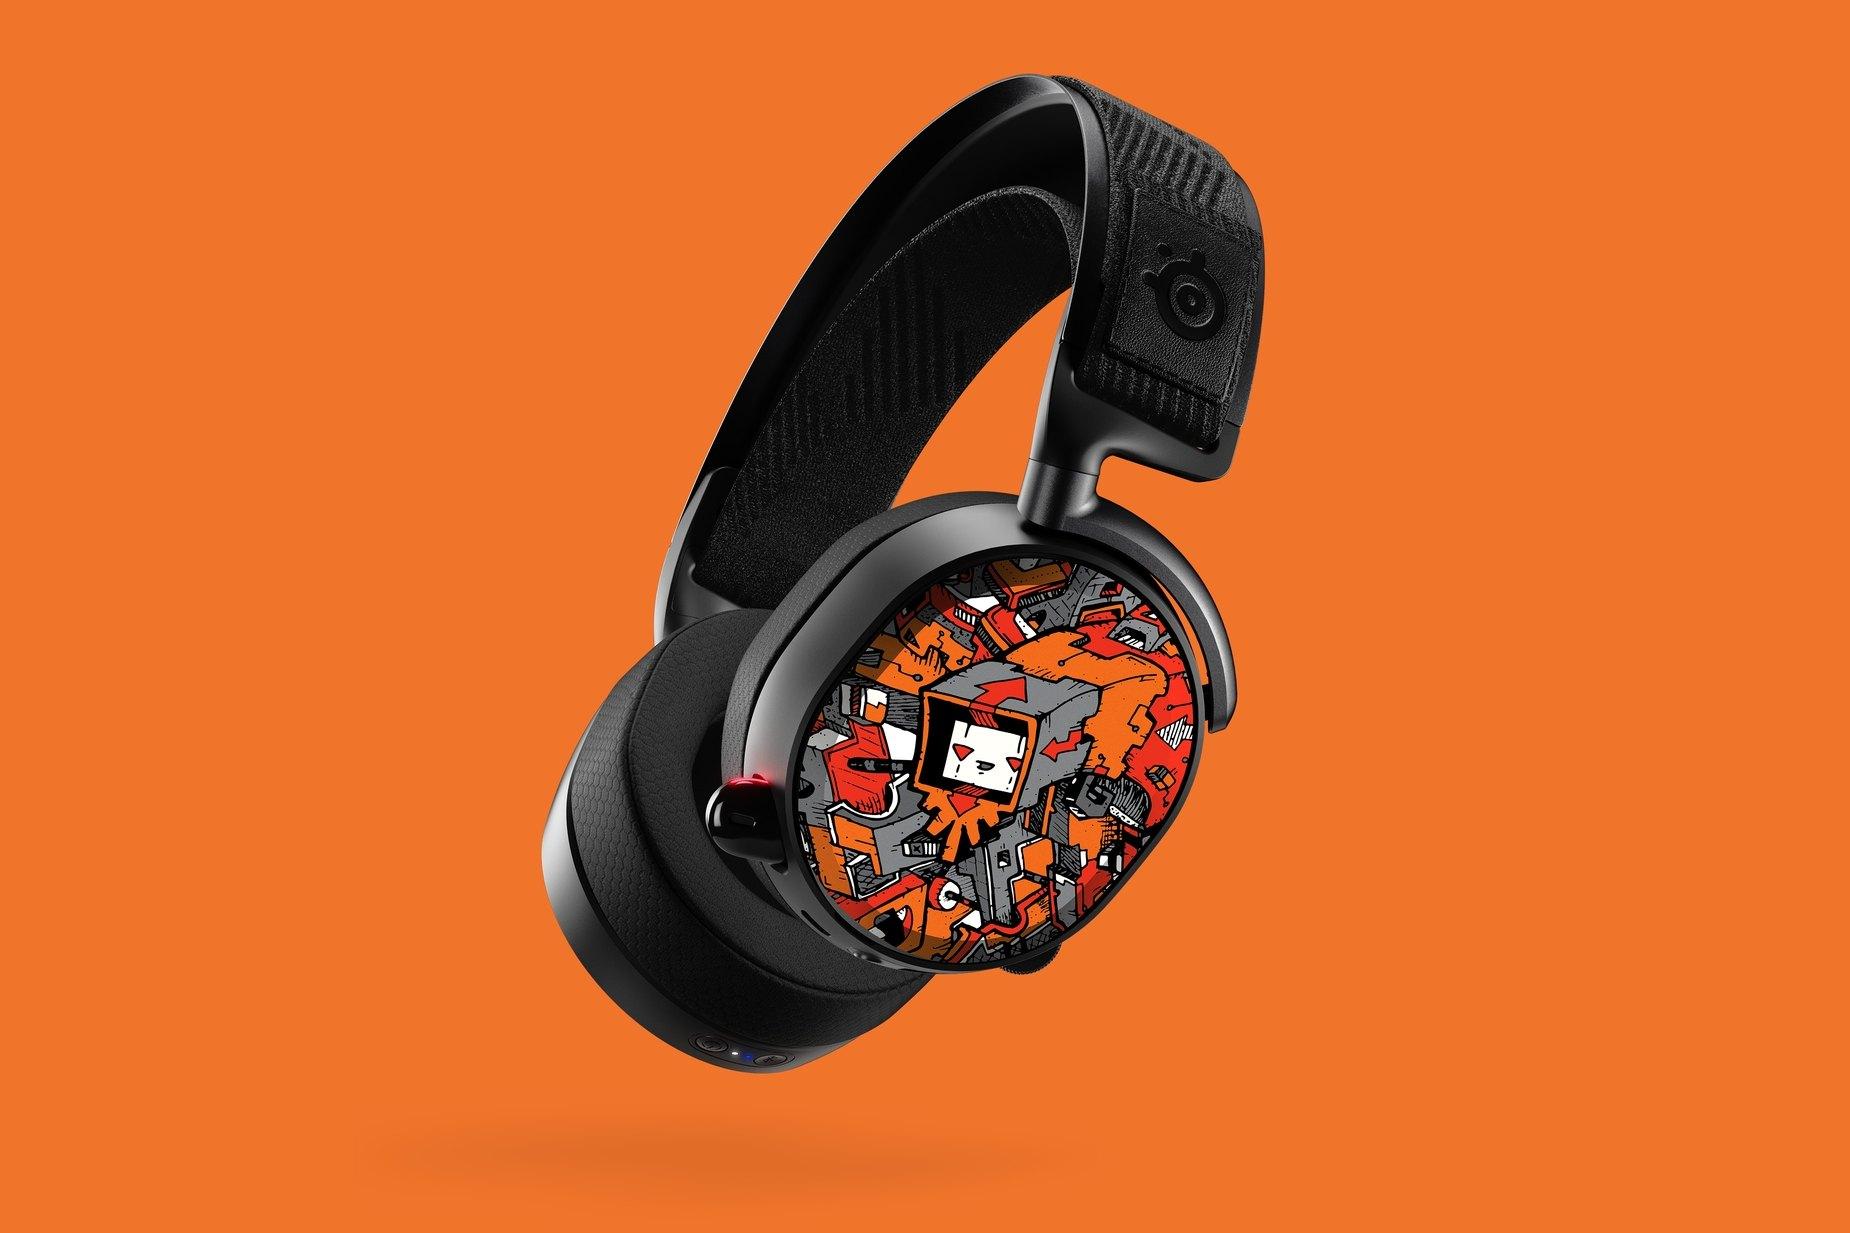 Arctis Pro Lautsprecherteller mit dem Design von Dune Haggar an einem schwebenden Headset